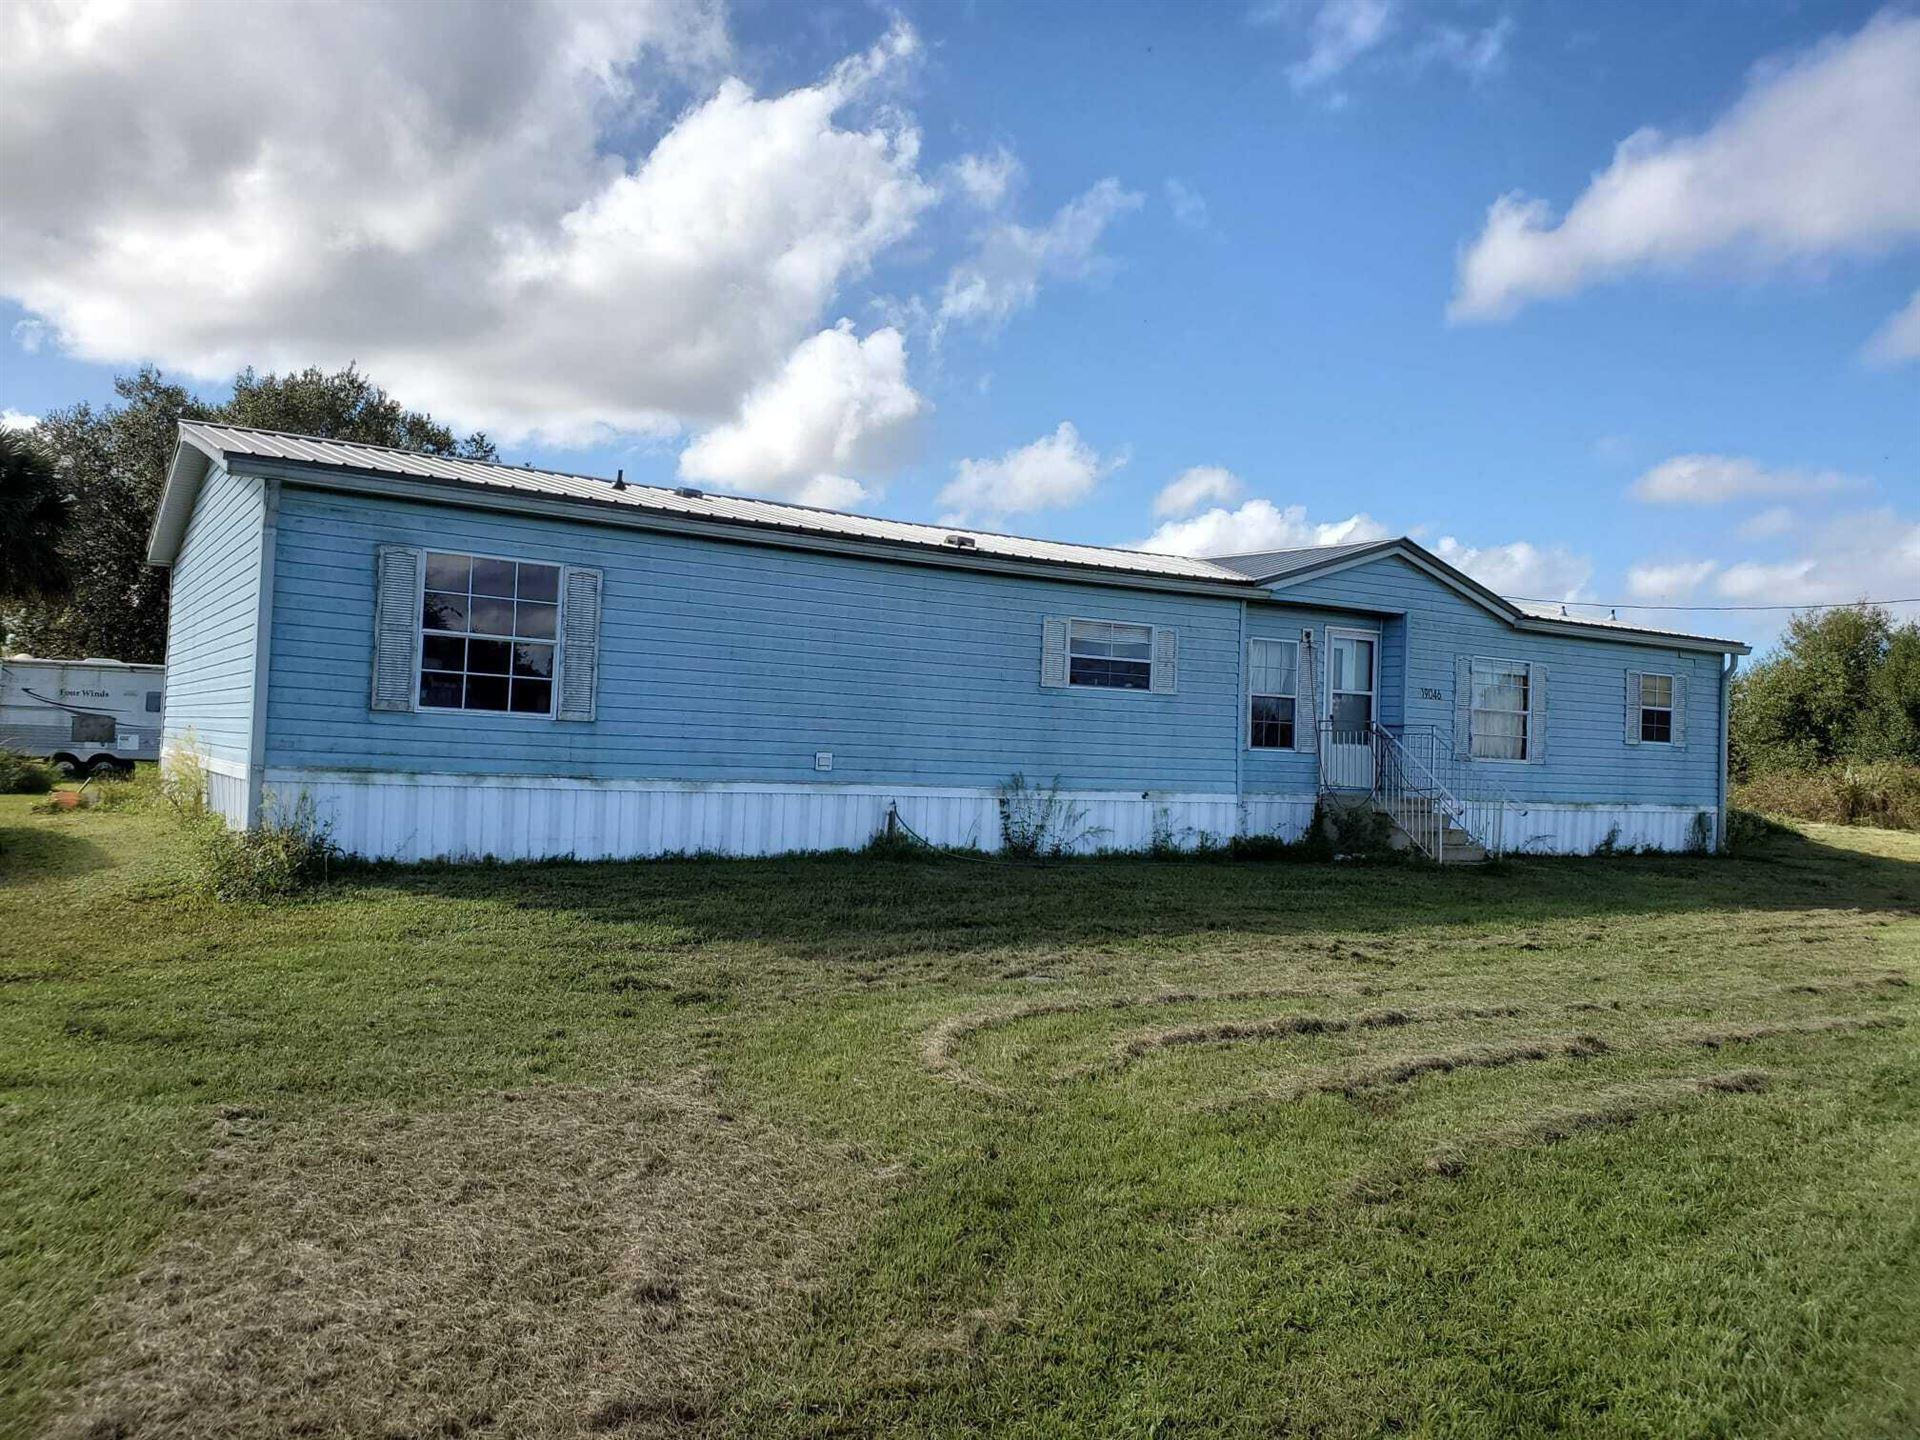 19046 NW 302nd Street, Okeechobee, FL 34972 - MLS#: RX-10729415